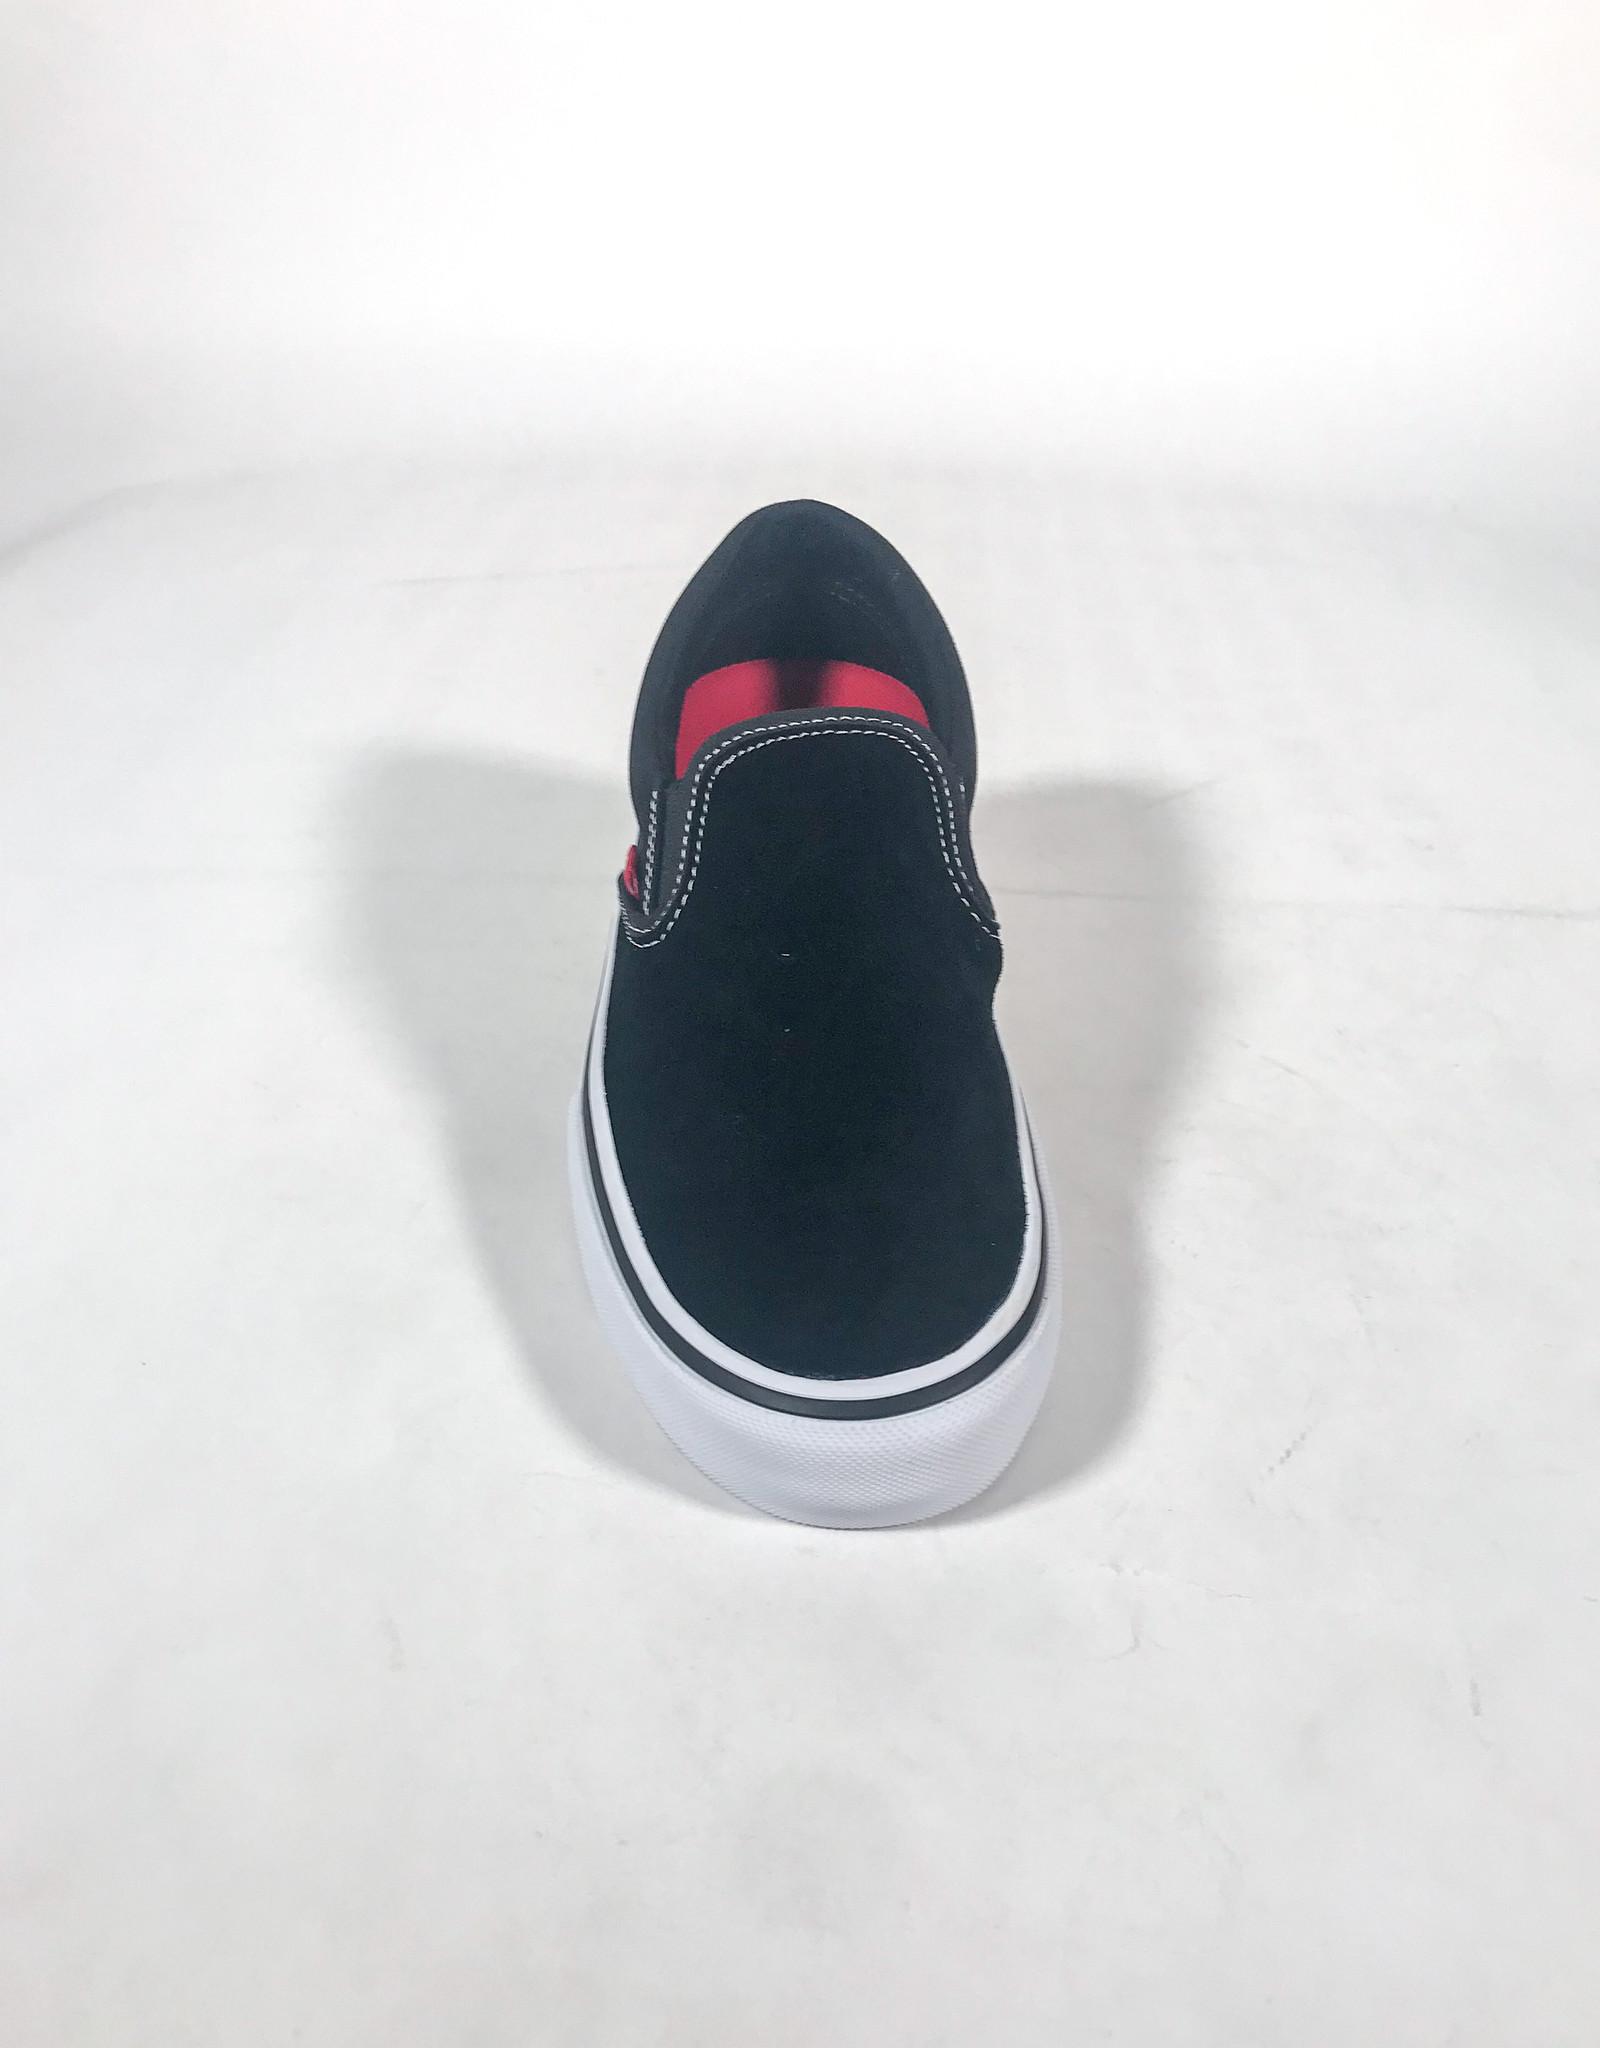 VANS VANS SLIP-ON PRO - BLACK/WHITE/GUM